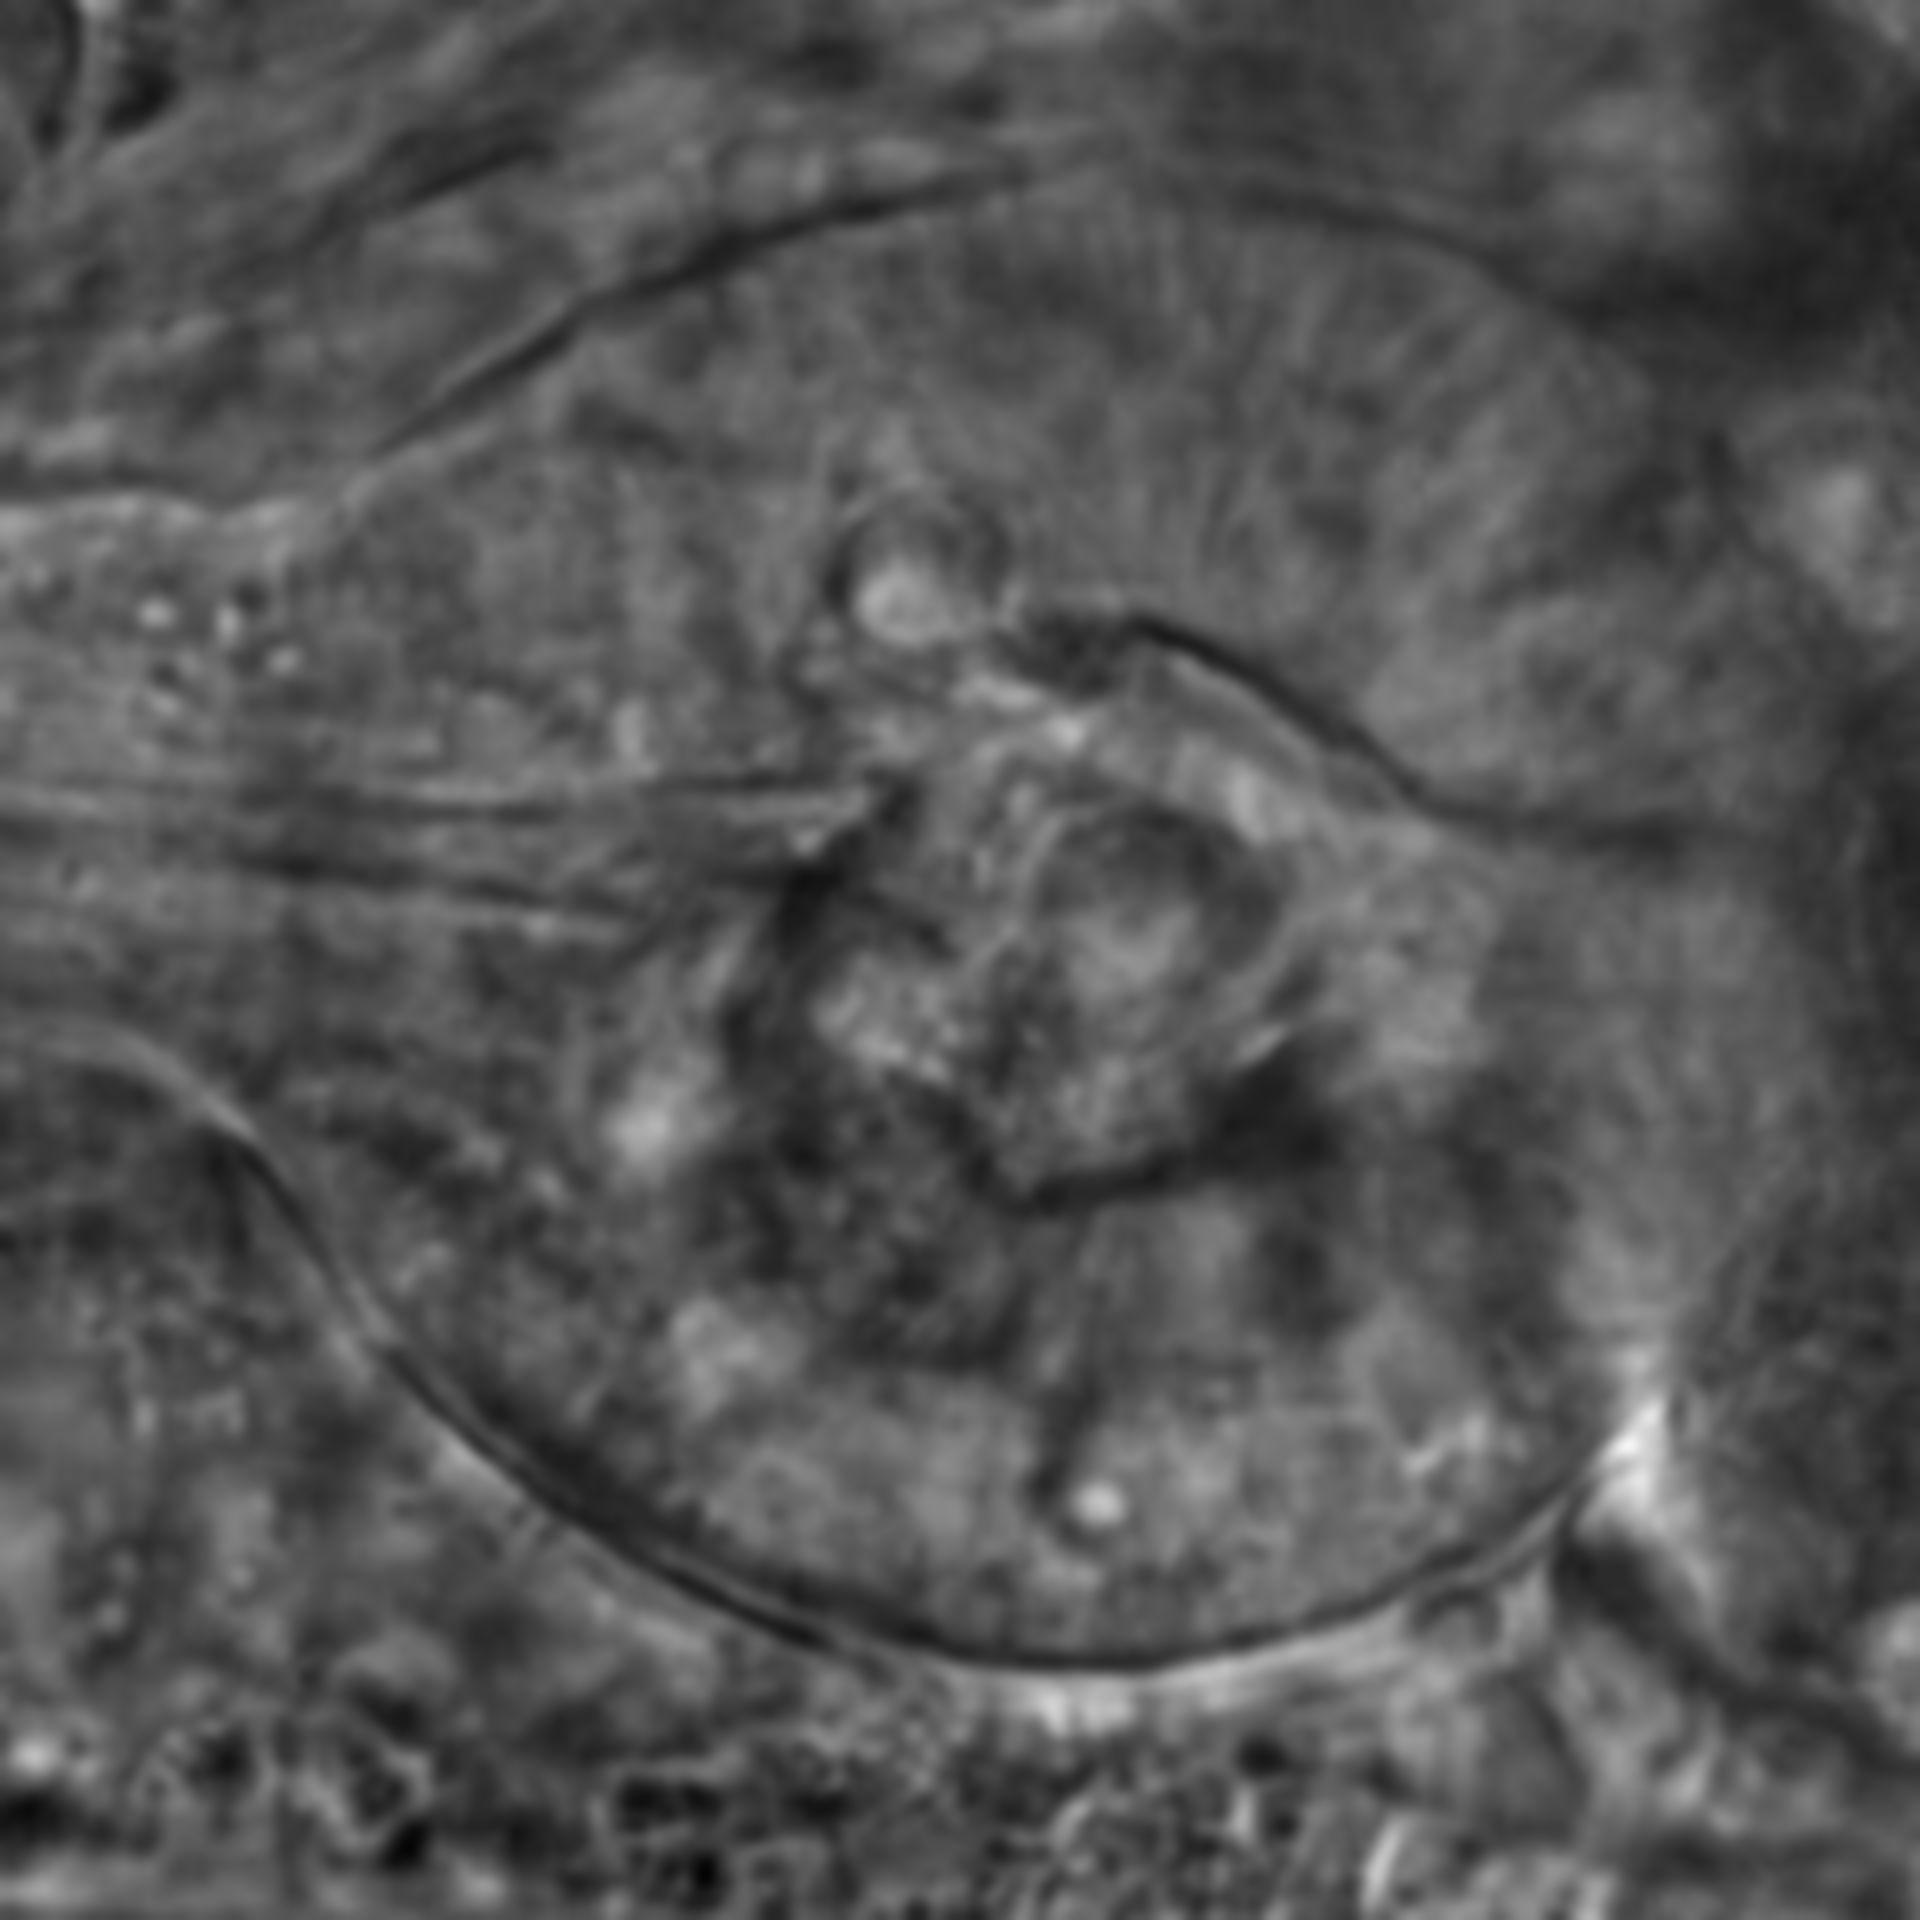 Caenorhabditis elegans - CIL:2603